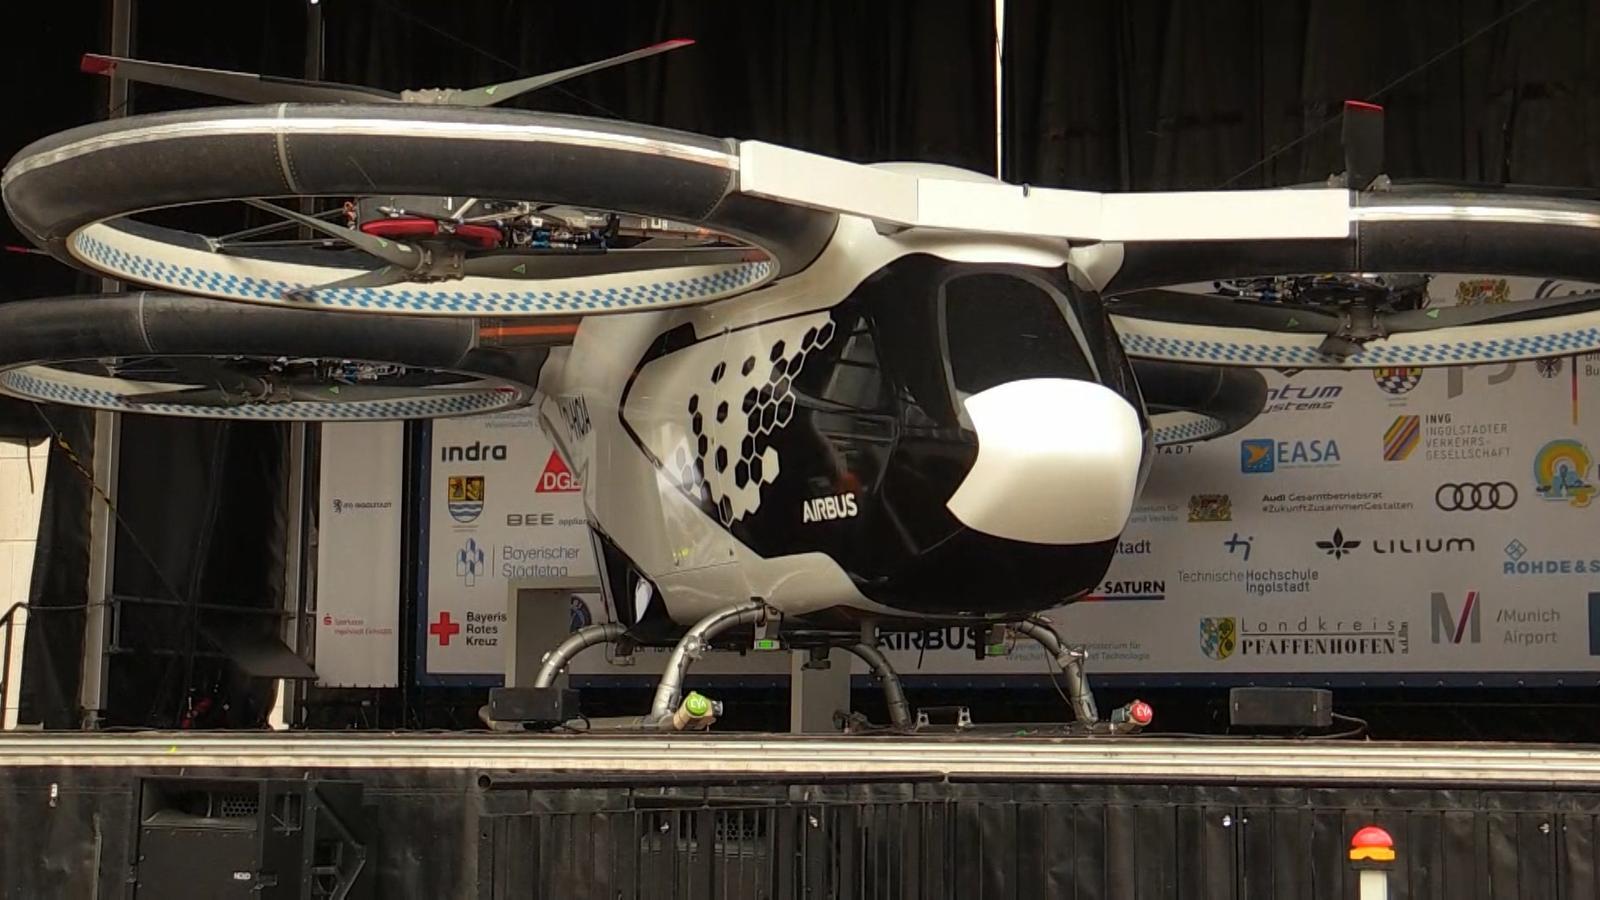 Nahverkehr in der Luft: Airbus stellt Flugtaxi in Ingolstadt vor